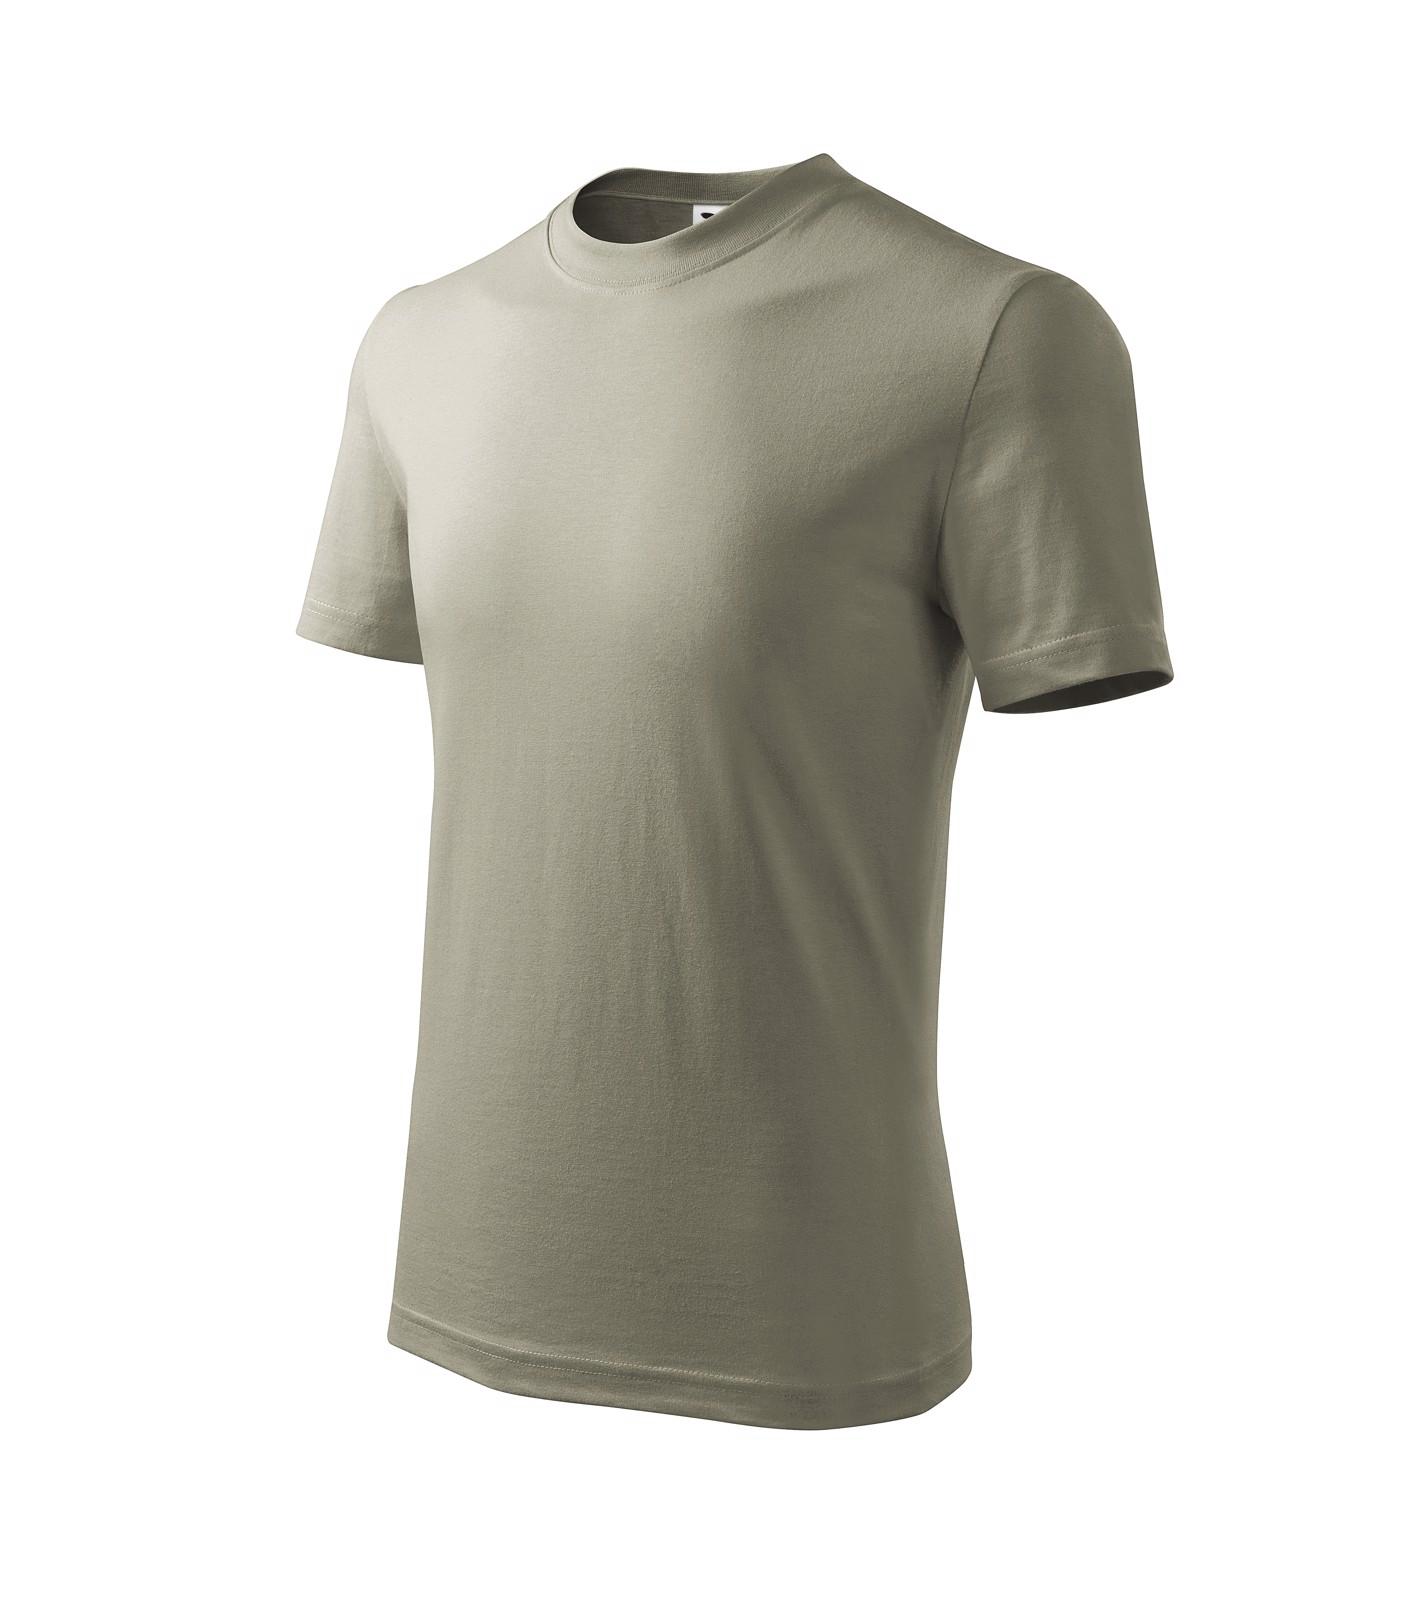 Tričko dětské Malfini Basic - Světlá Khaki / 134 cm/8 let